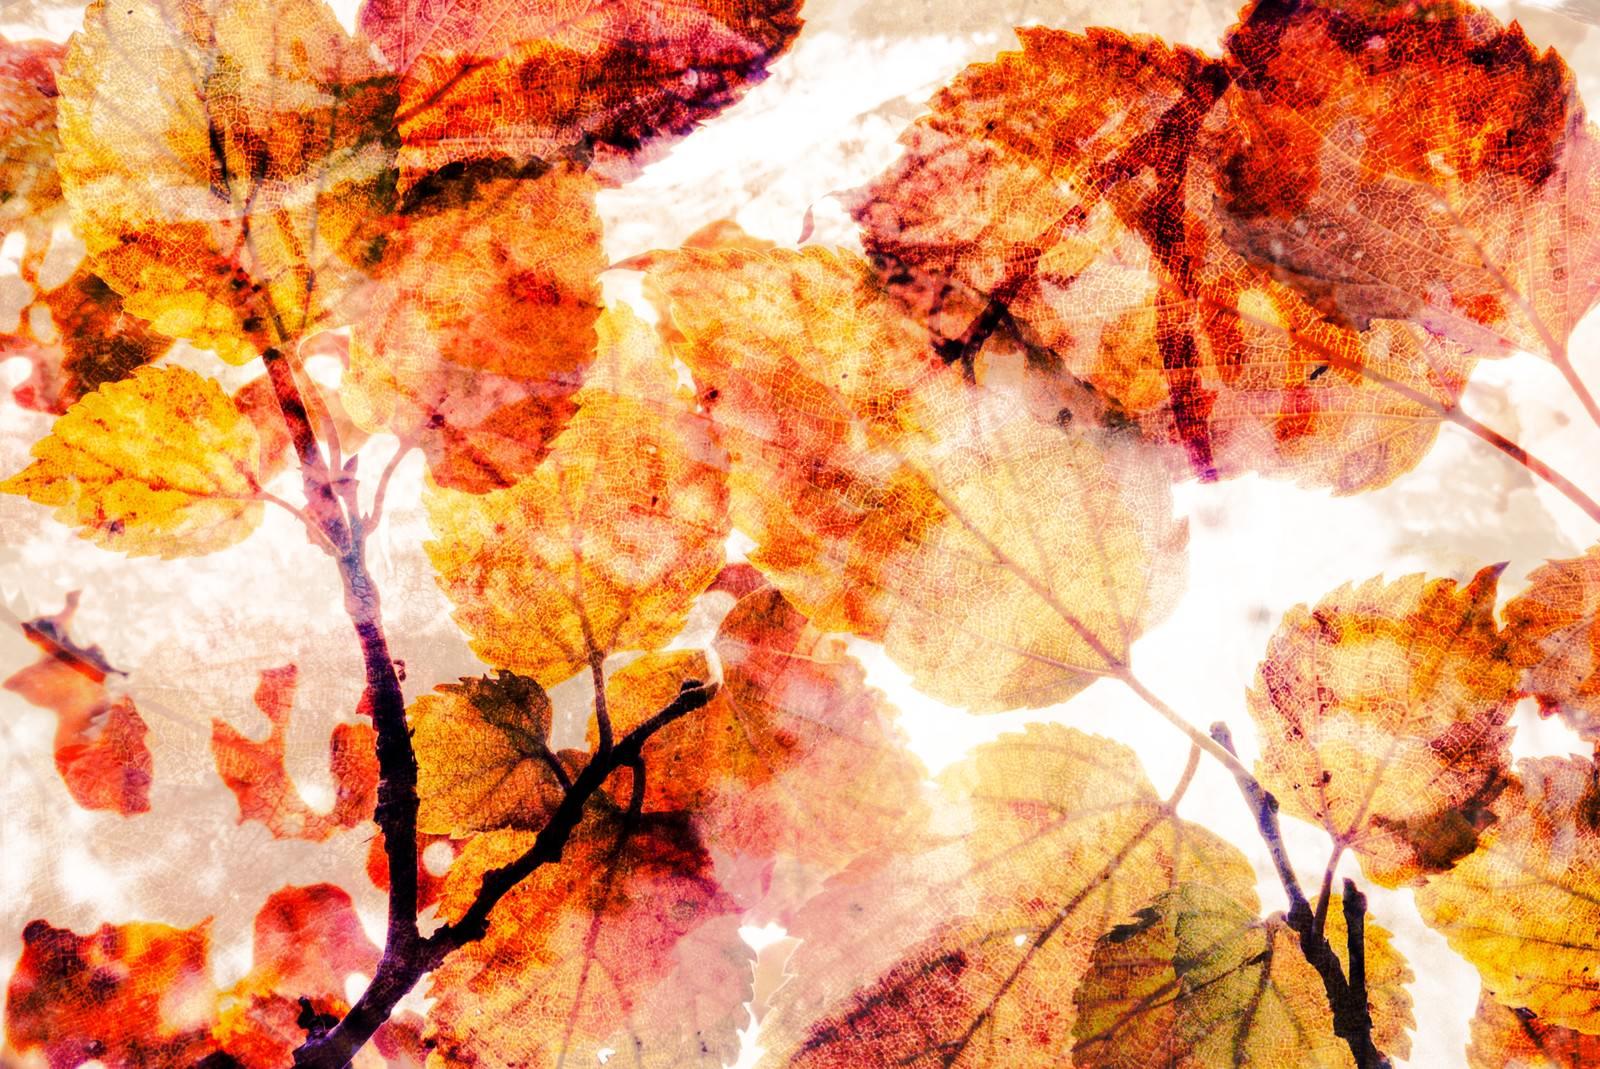 「記憶の紅葉(フォトモンタージュ)」の写真